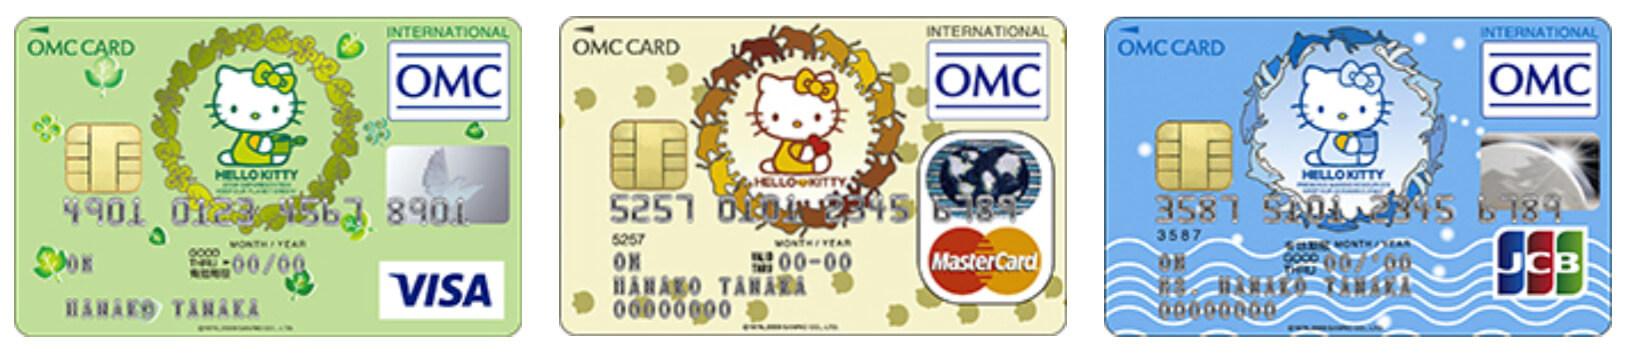 OMCカード ハローキティ3種の券面